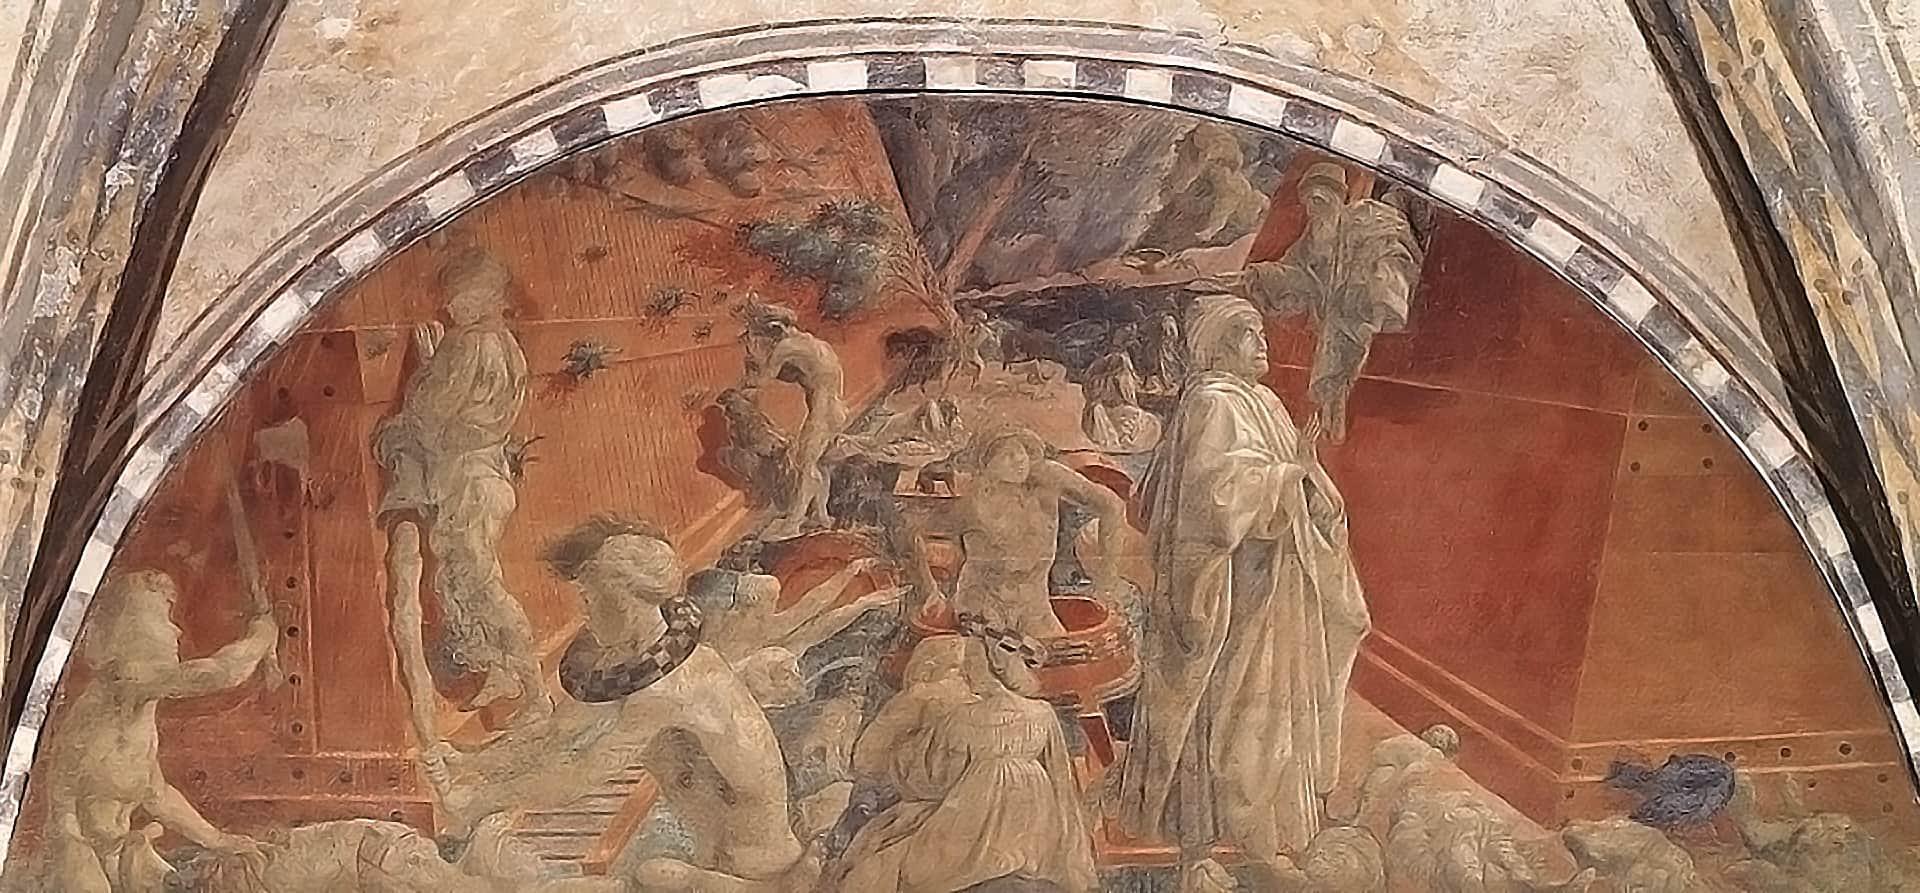 Cosimo Medici als Retter, wohl Noah, mit segnender Hand. Fresko (1446–1448) von Paolo Uccello im Kreuzgang von Santa Maria Novella in Florenz.